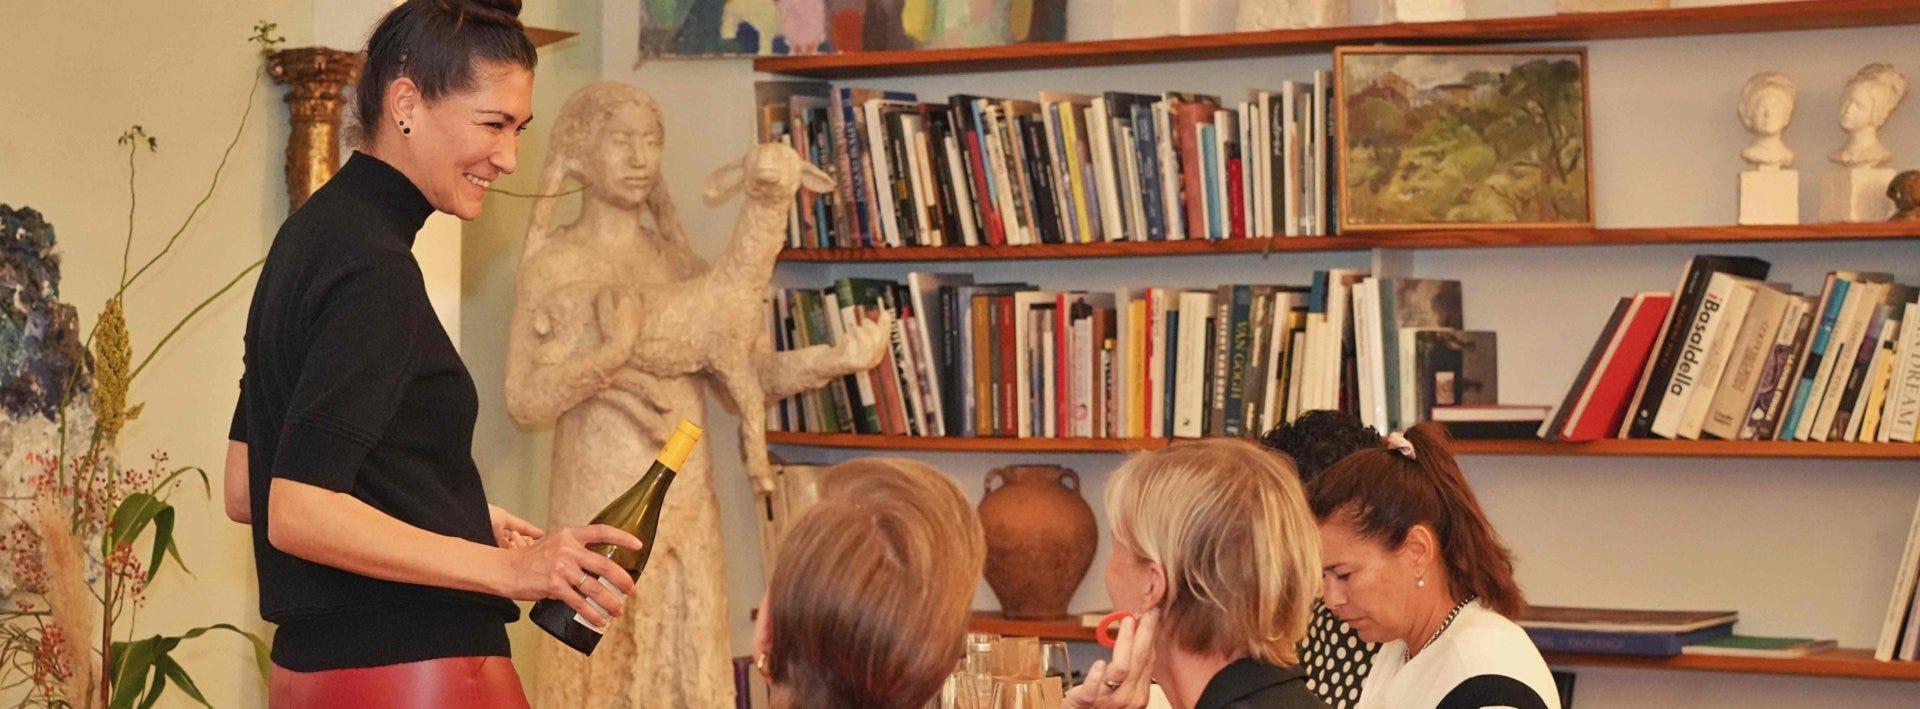 Und was kochen wir dazu? Bloggerin Shirley Amberg liefert Antworten im Seminar zu Food-Wine-Pairing.